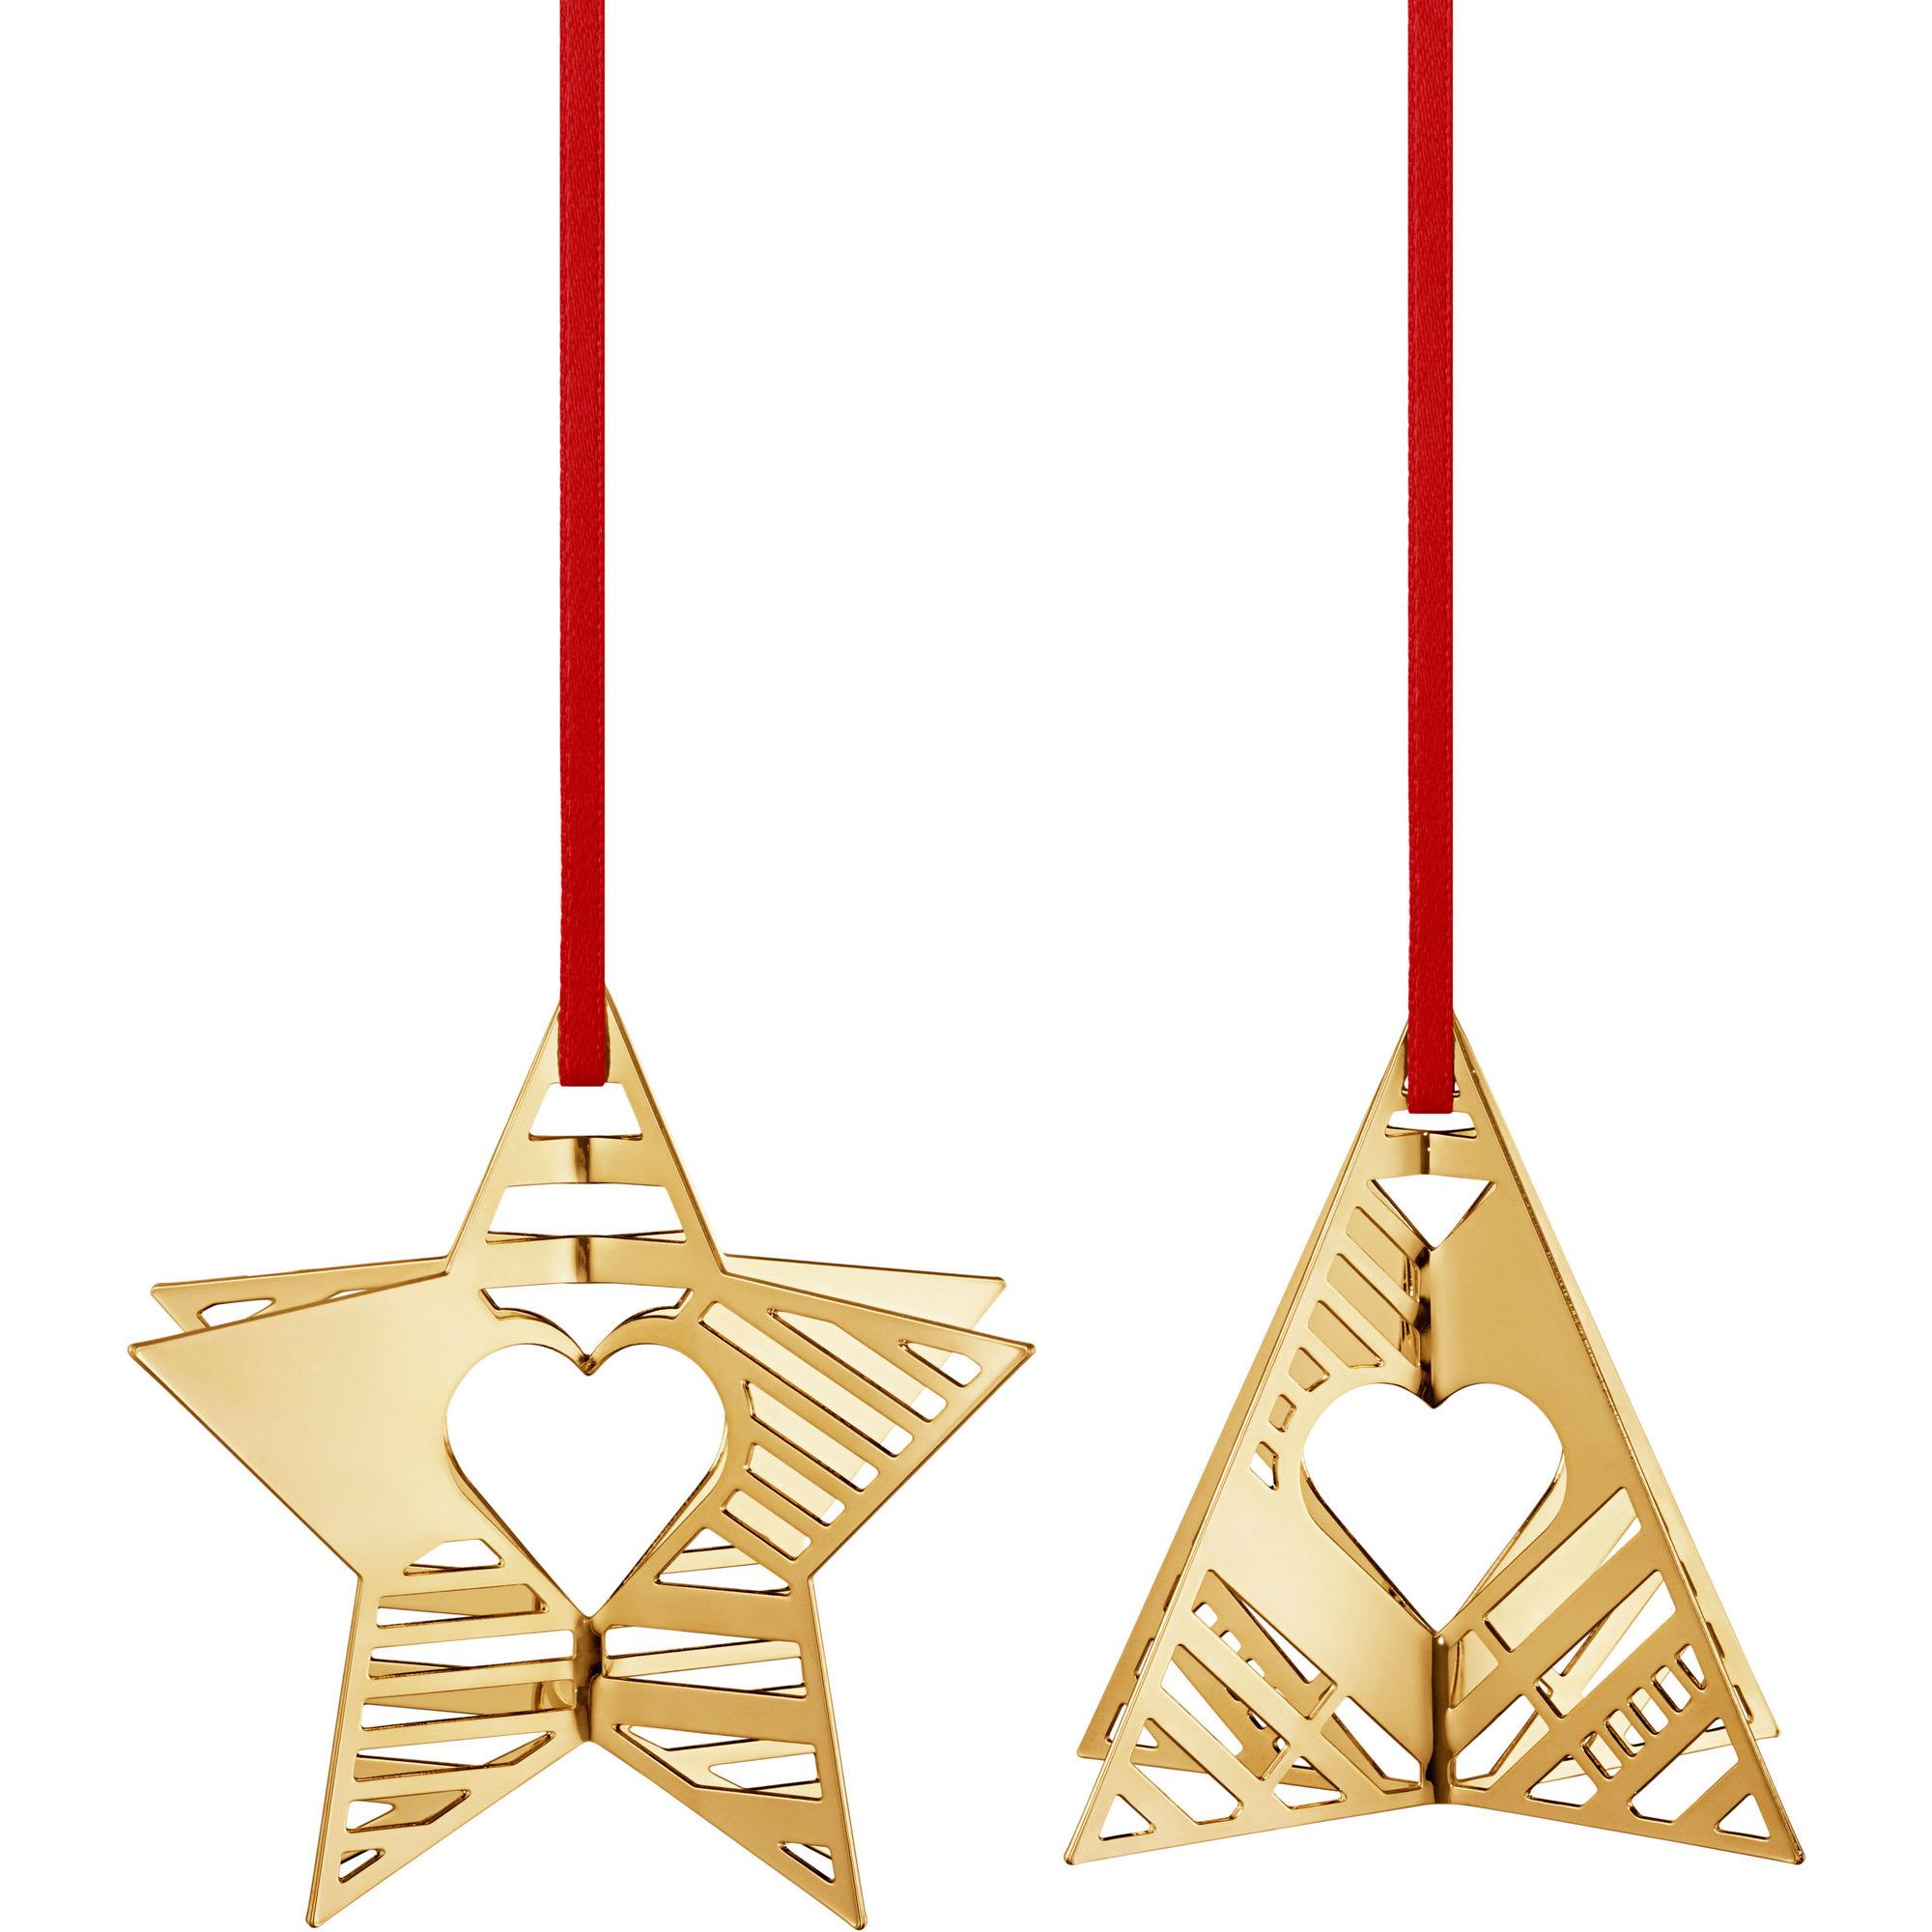 Georg Jensen 2019 Holiday Ornament, Stjärna och Julgran, Guld